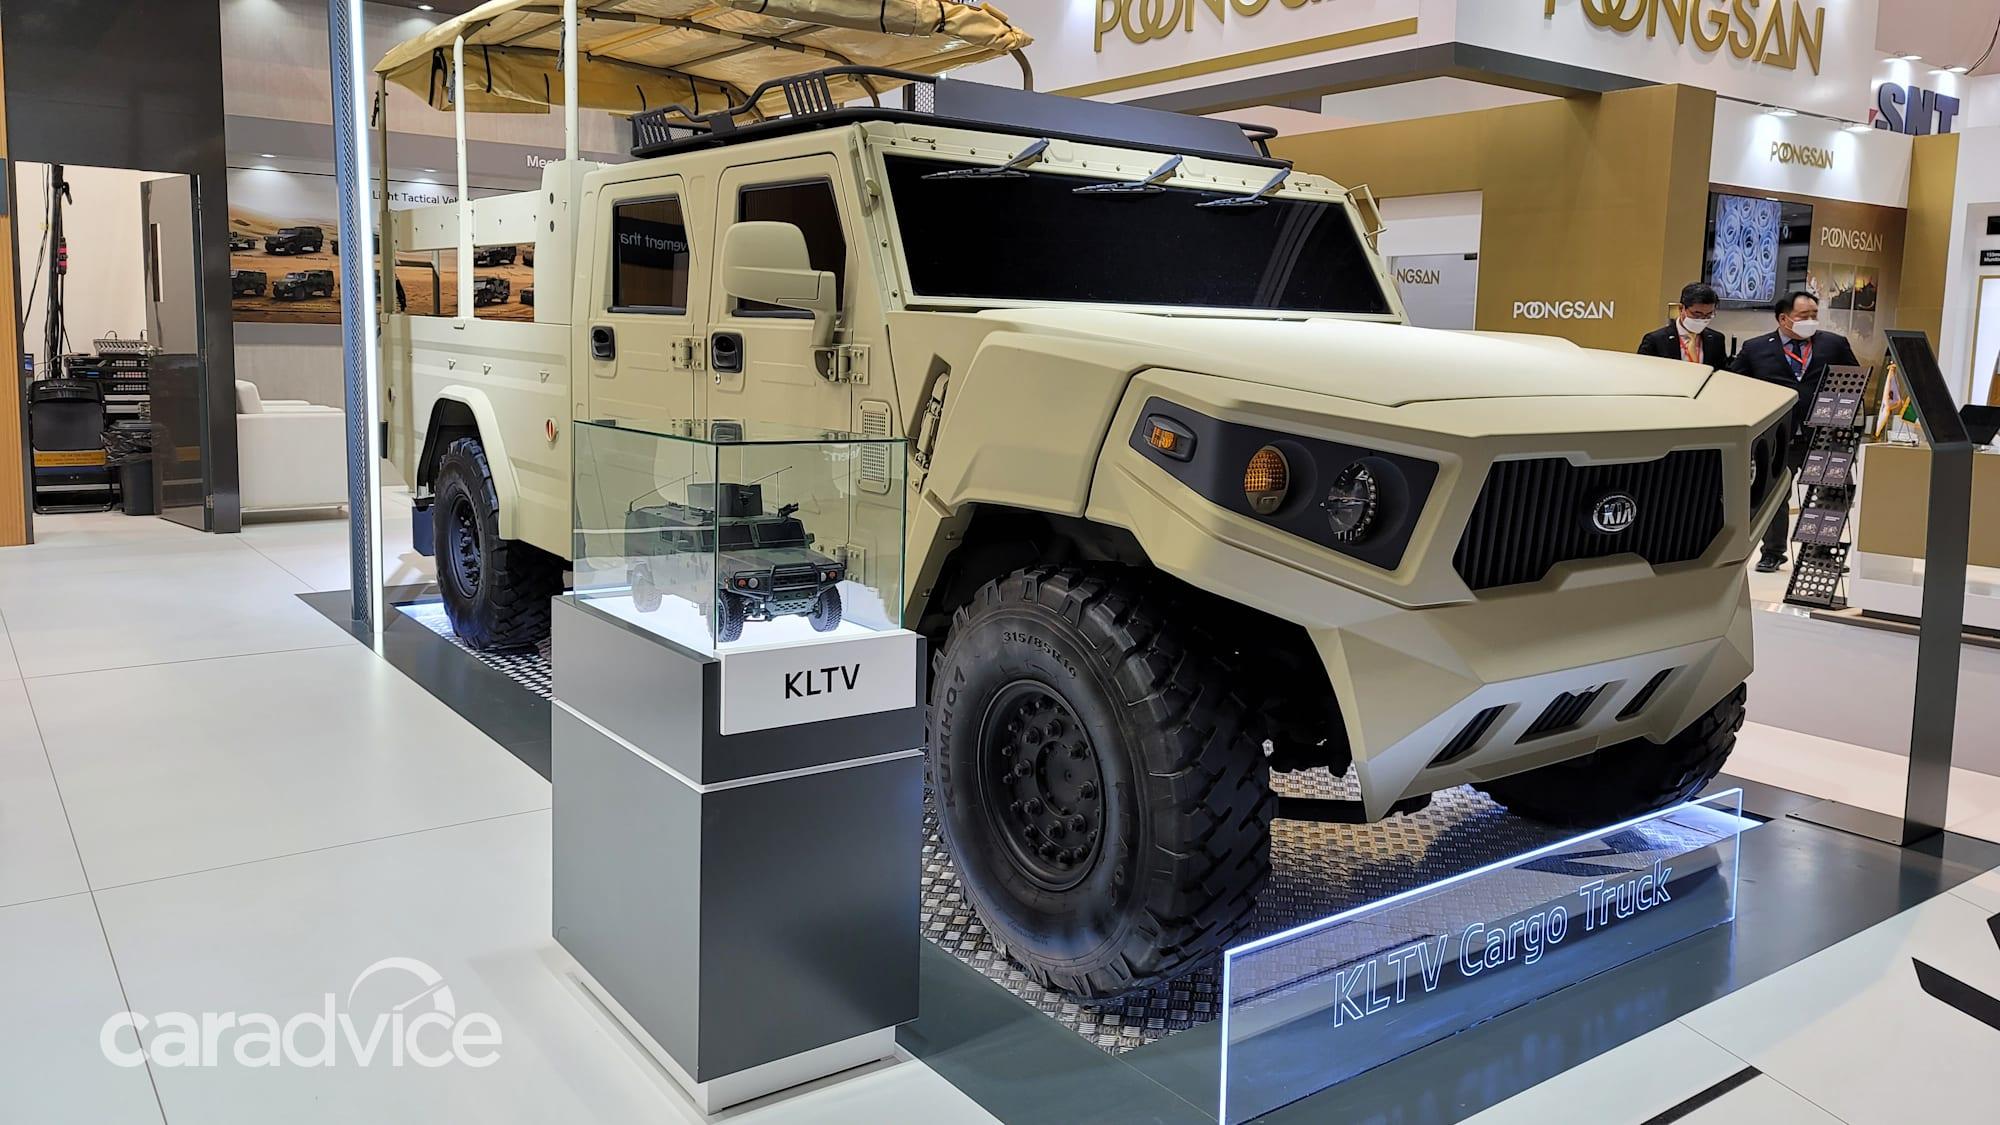 Конкурент Kia Hummer: обнародован военный концепт легкого тактического грузовика - 1 из 2